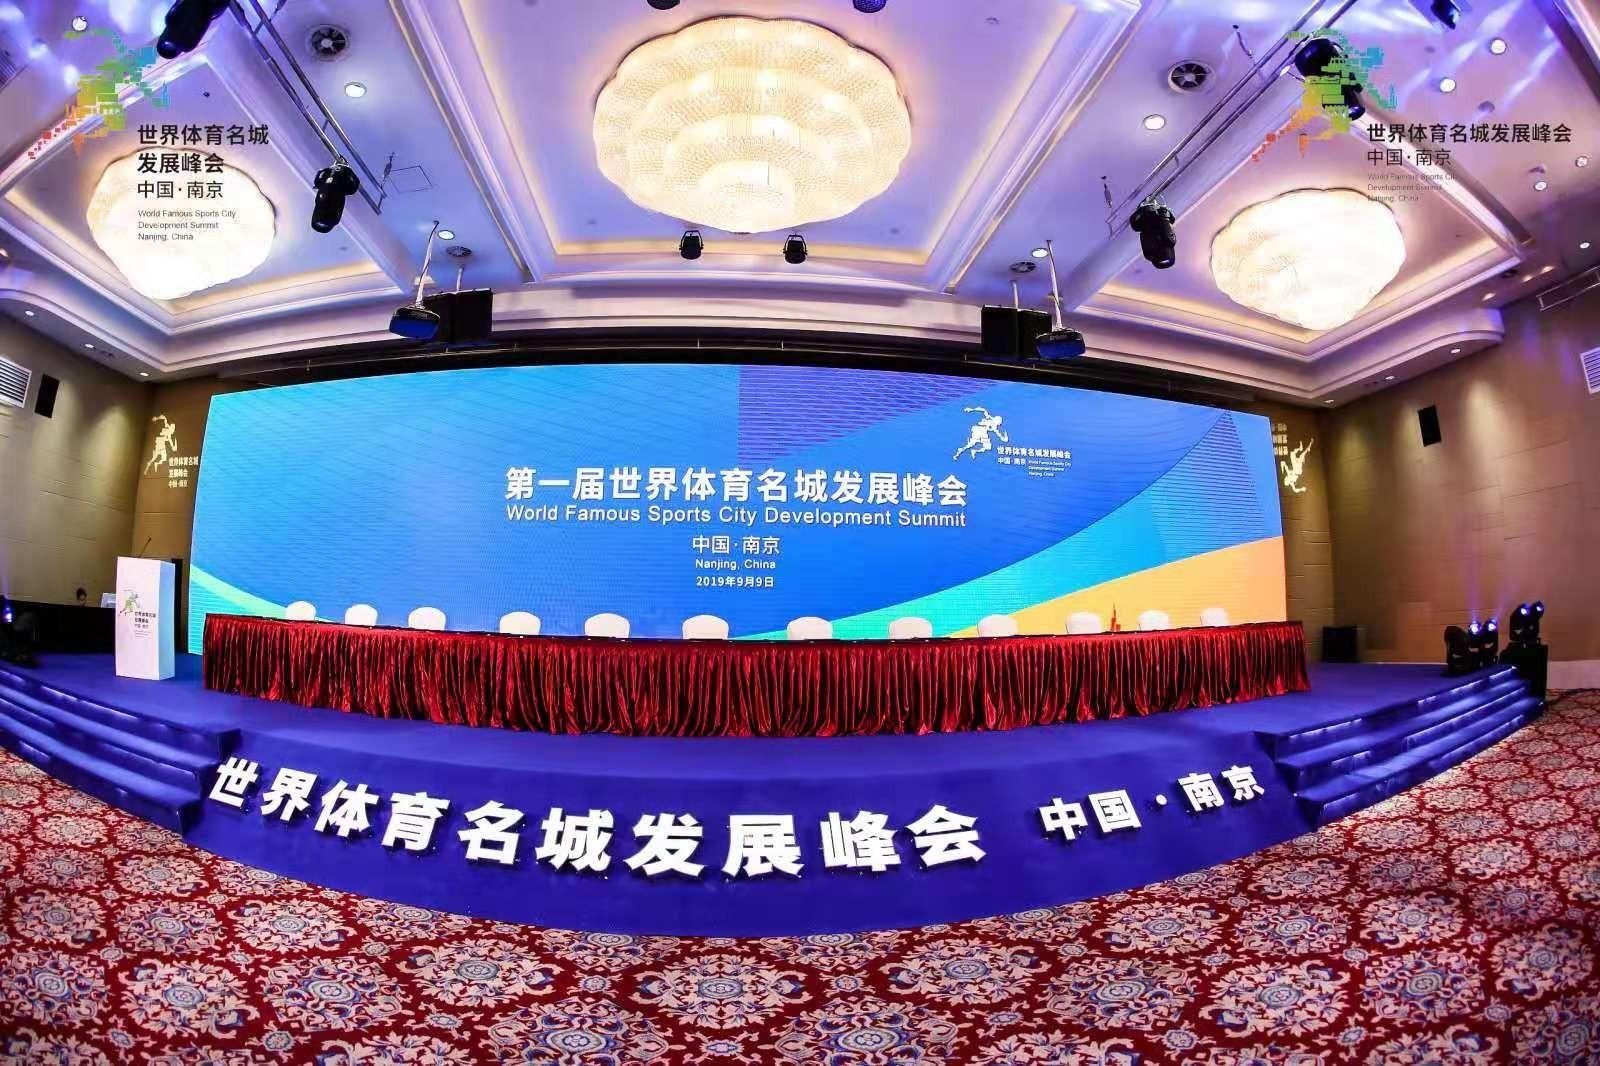 首届世界体育名城发展峰会南京开幕!300大咖共商体育产业与城市发展